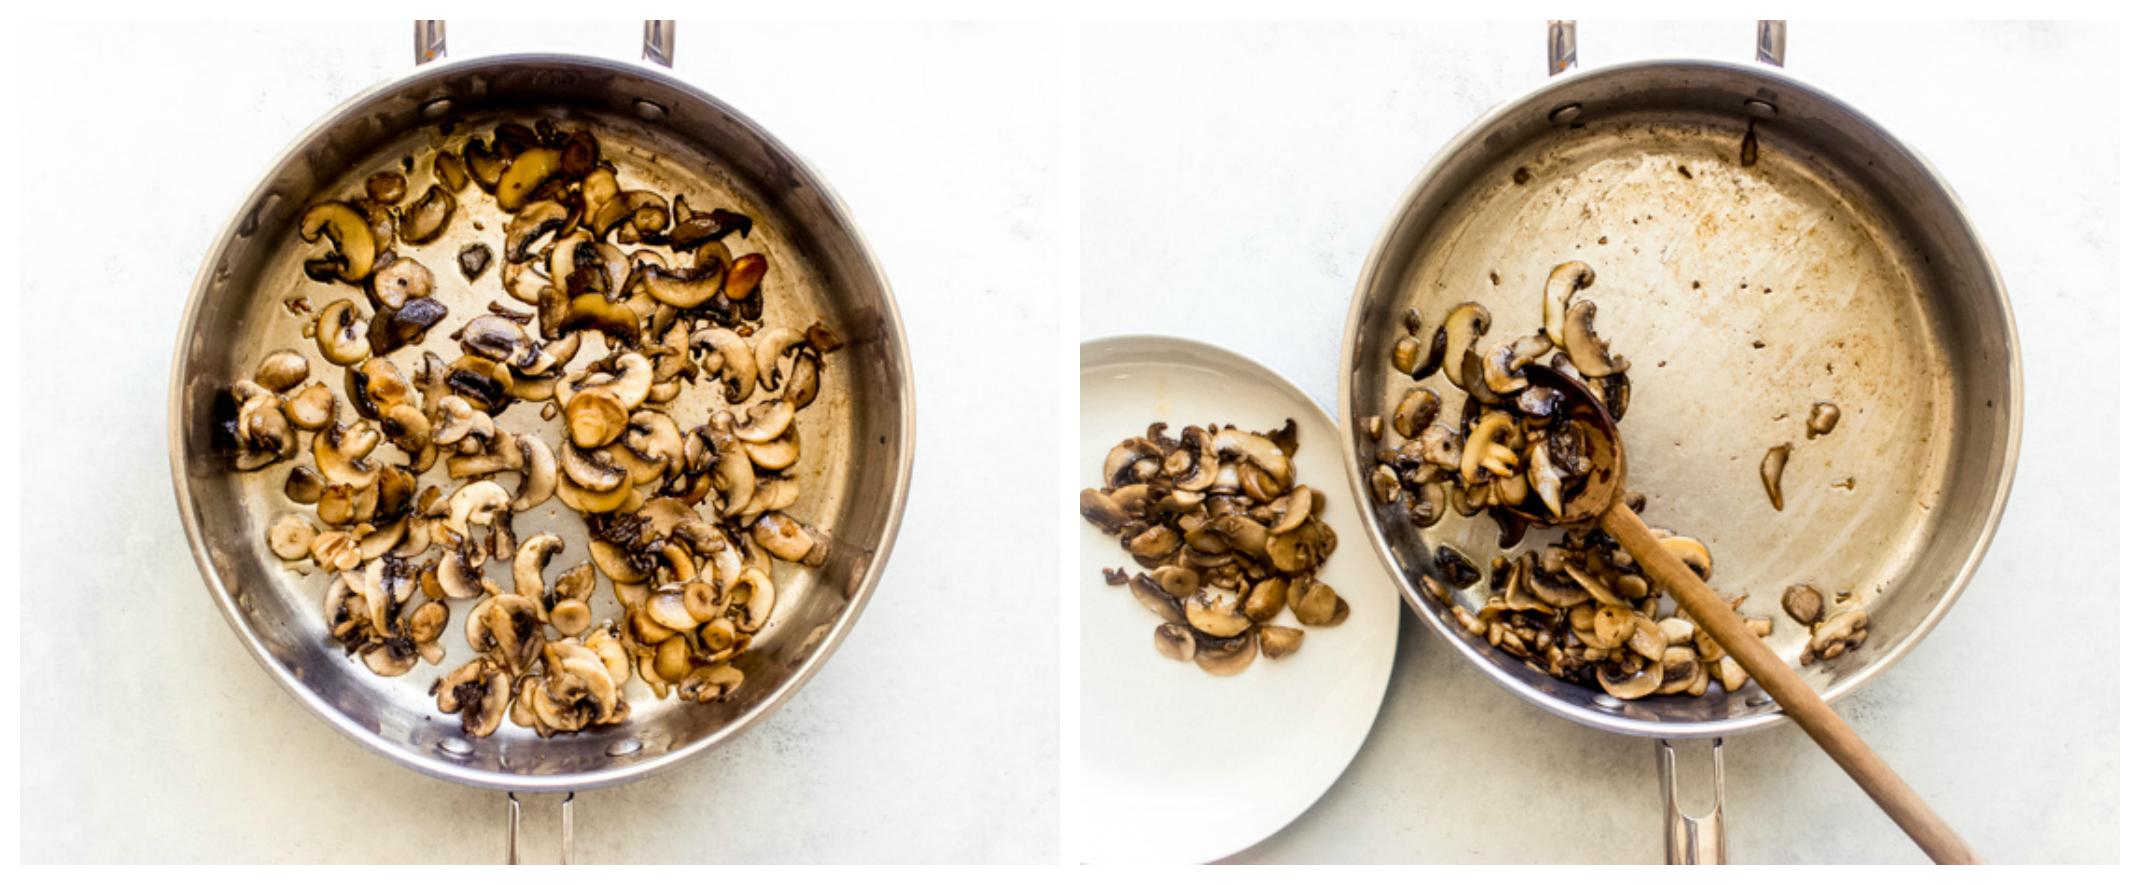 sauteed mushroom in skillet